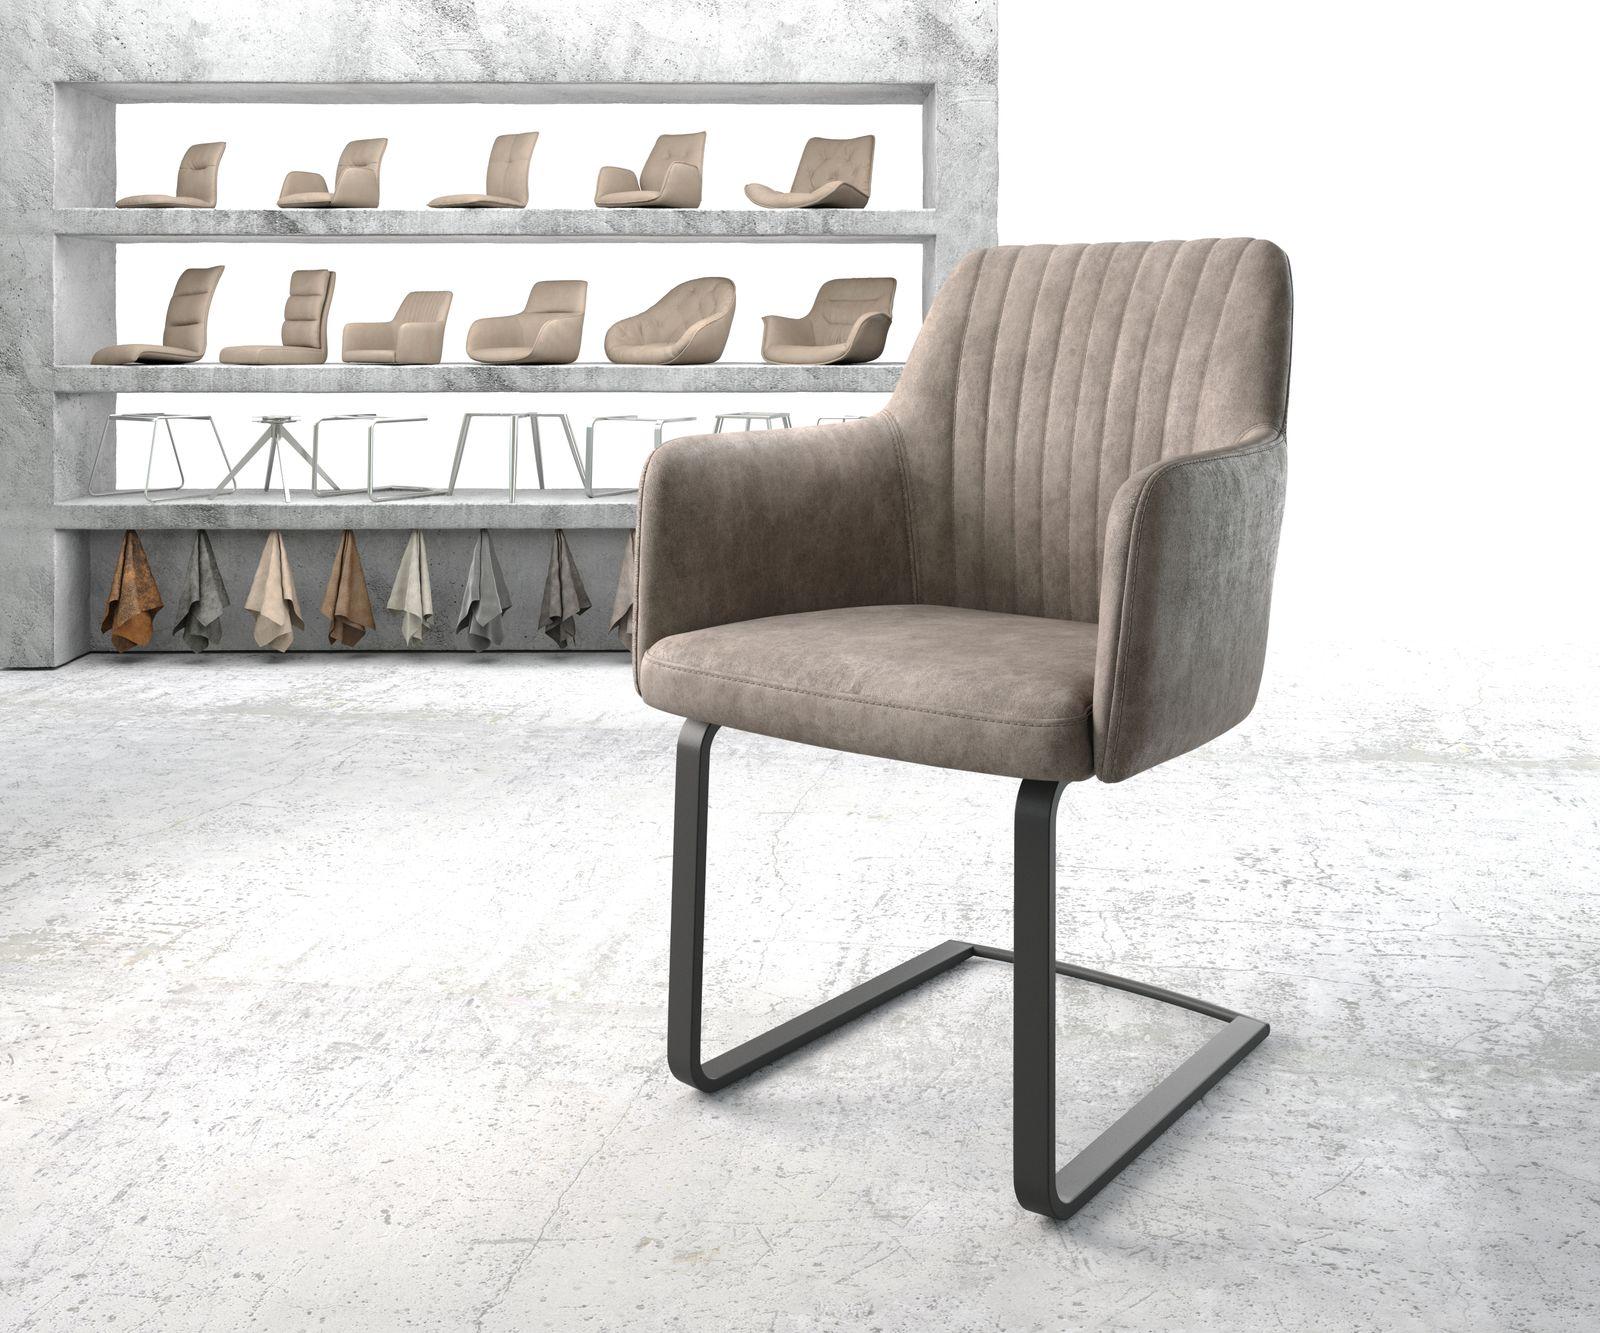 delife-armlehnstuhl-greg-flex-taupe-vintage-freischwinger-flach-schwarz-esszimmerstuhle